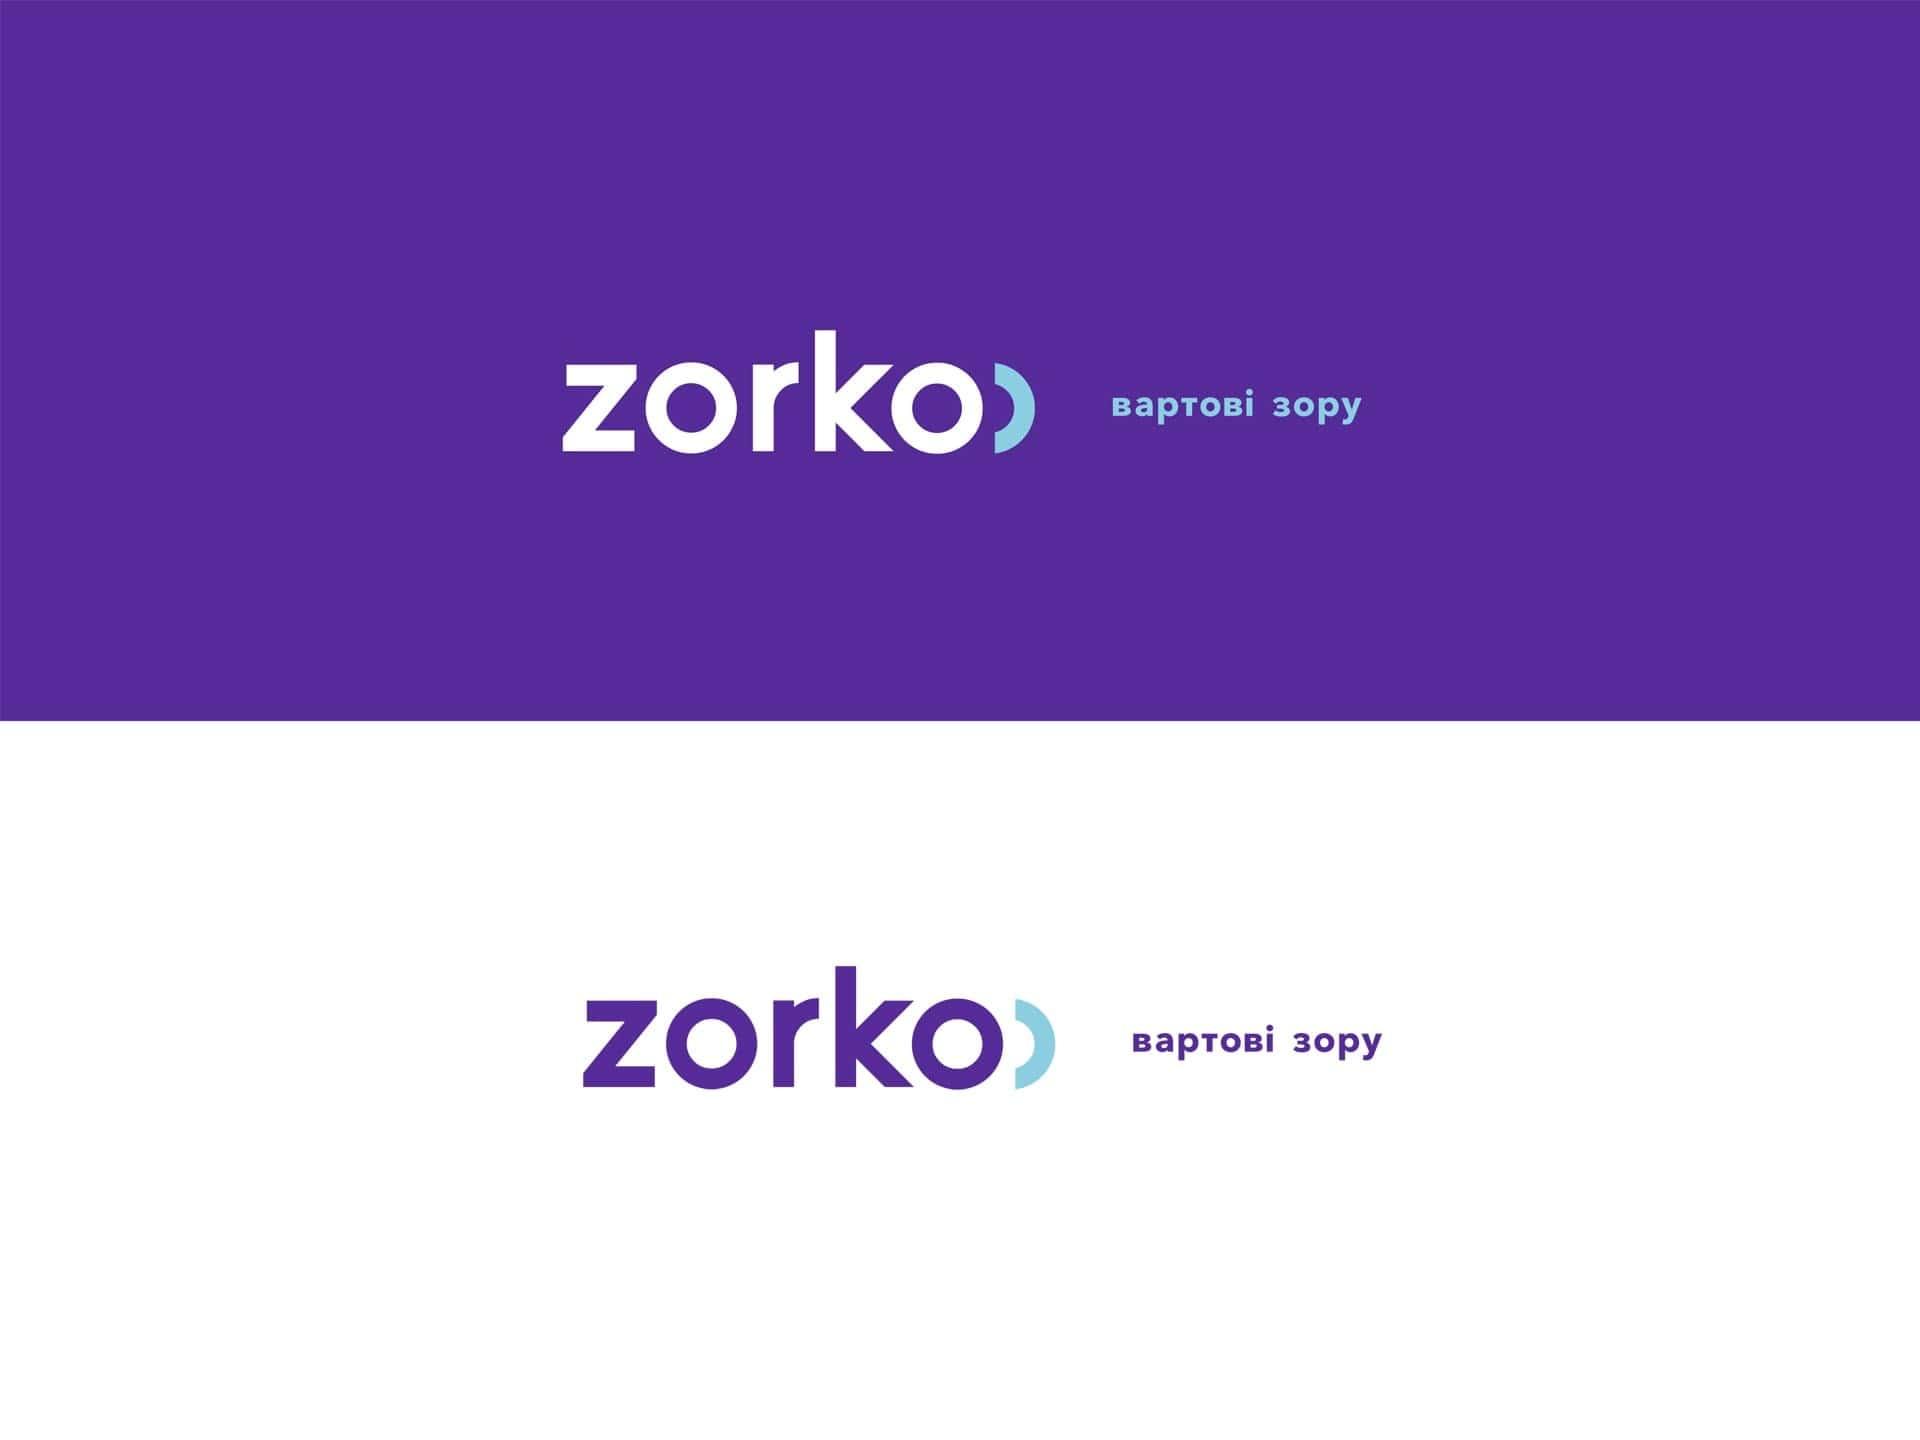 gra brand design zorko 6